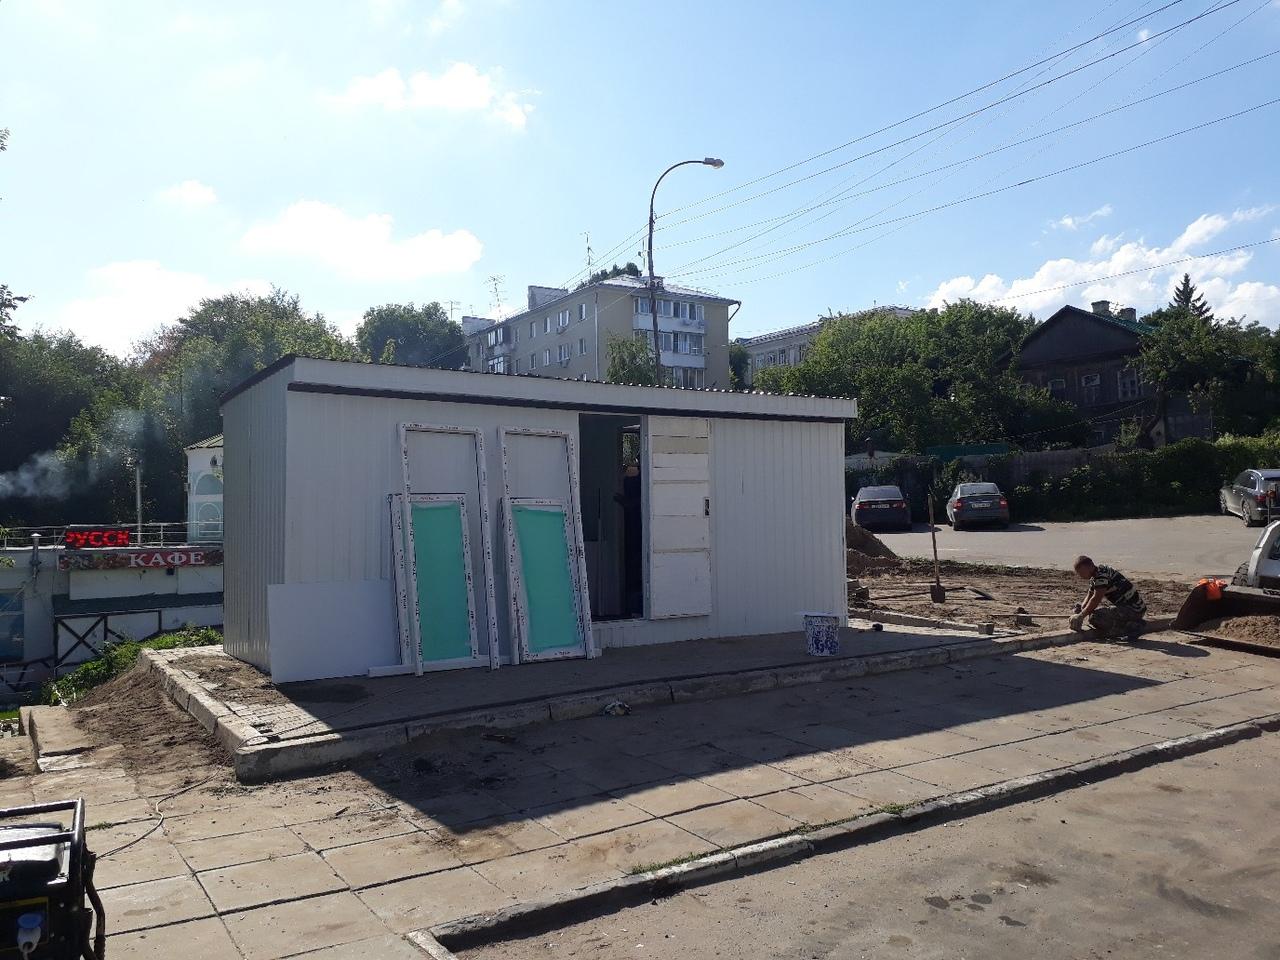 На Набережной Космонавтов, напротив фонтана «Сердце Волги» и совсем рядом с домом Чернышевского, появился общественный туалет  #наблюдение